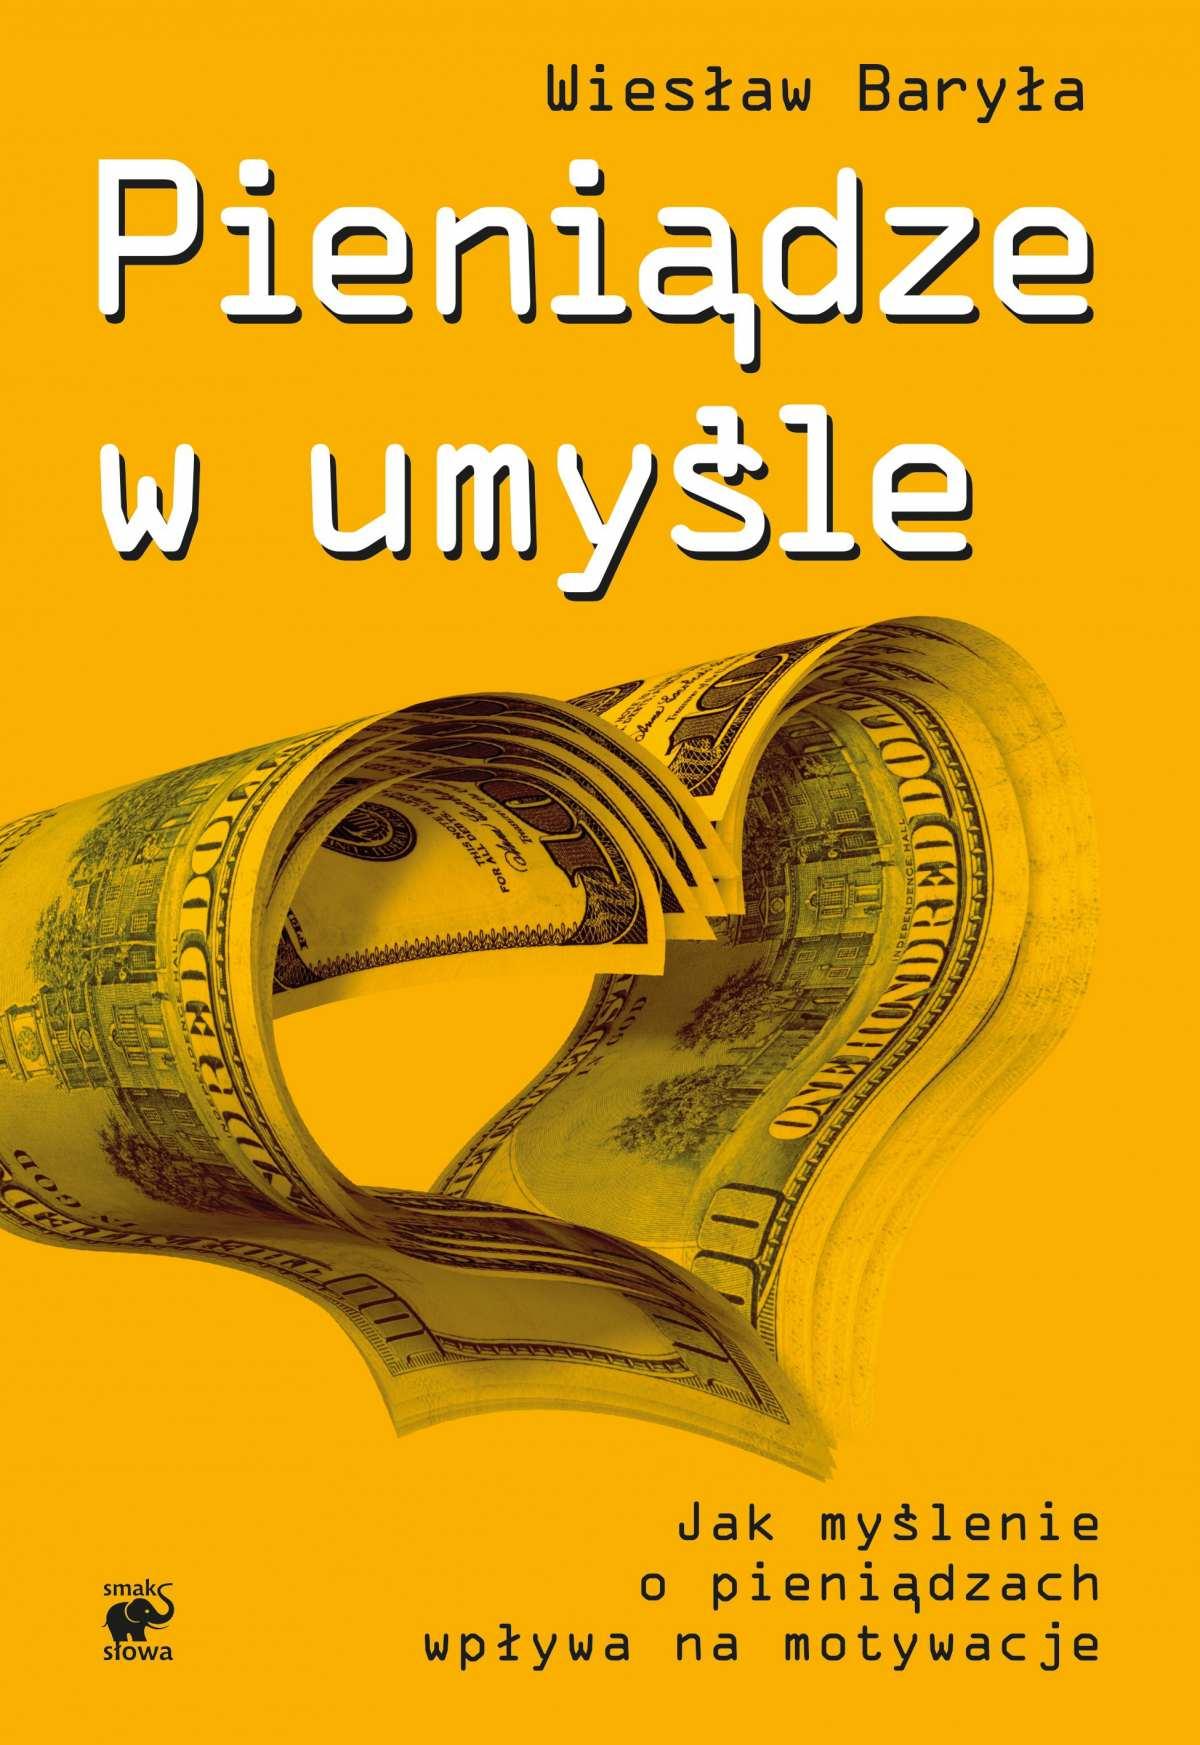 Pieniądze w umyśle - Ebook (Książka na Kindle) do pobrania w formacie MOBI